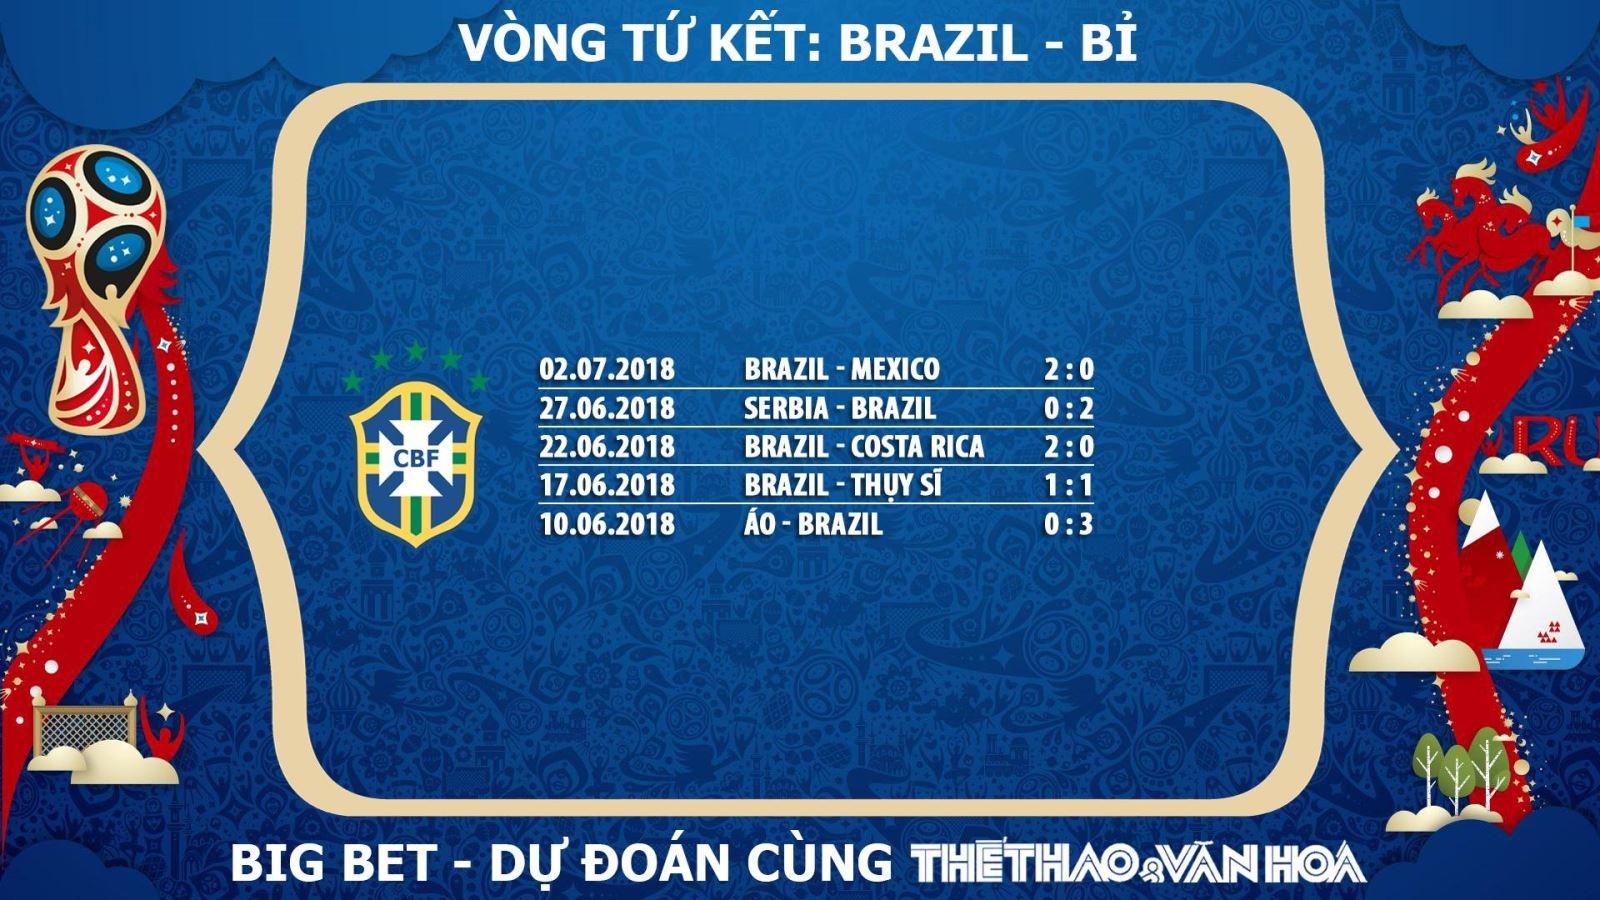 Dự đoán Brazil, nhận định Brazil, soi kèo Brazil, chọn kèo Brazil, tỉ lệ cá cược Brazil, chọn cửa Brazil, trực tiếp Brazil, xem trực tiếp Brazil, phong độ của Brazil, Brazil lọt vào Tứ kết, Brazil lọt vào Bán kết World Cup 2018